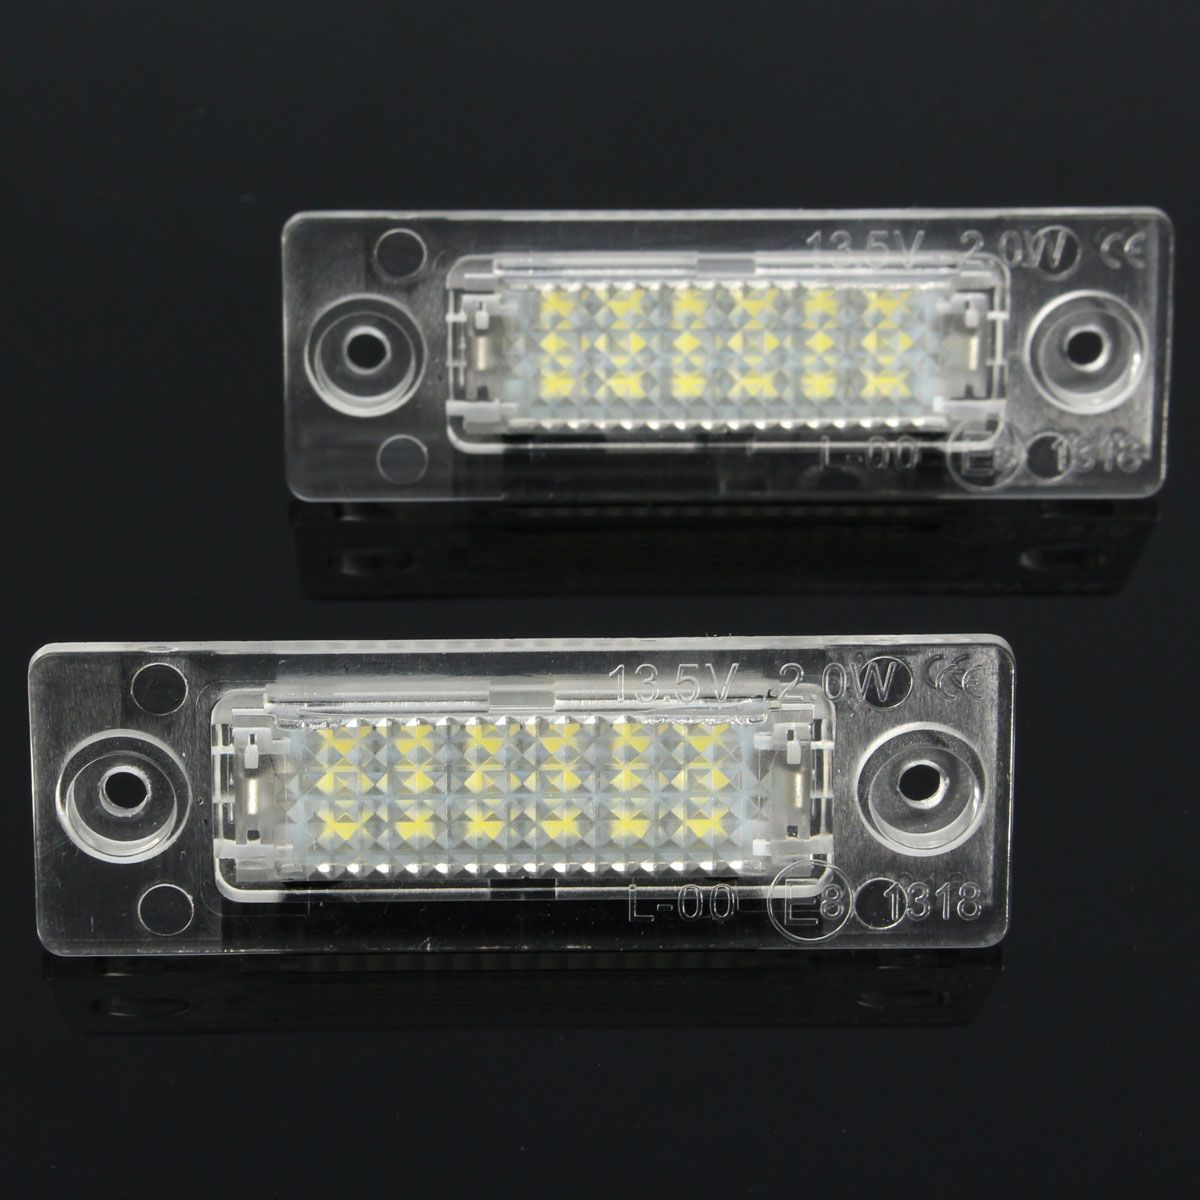 2 PCS Rear Bit Decode LED Number License Plate Light For Volkswagen/Skoda Superb